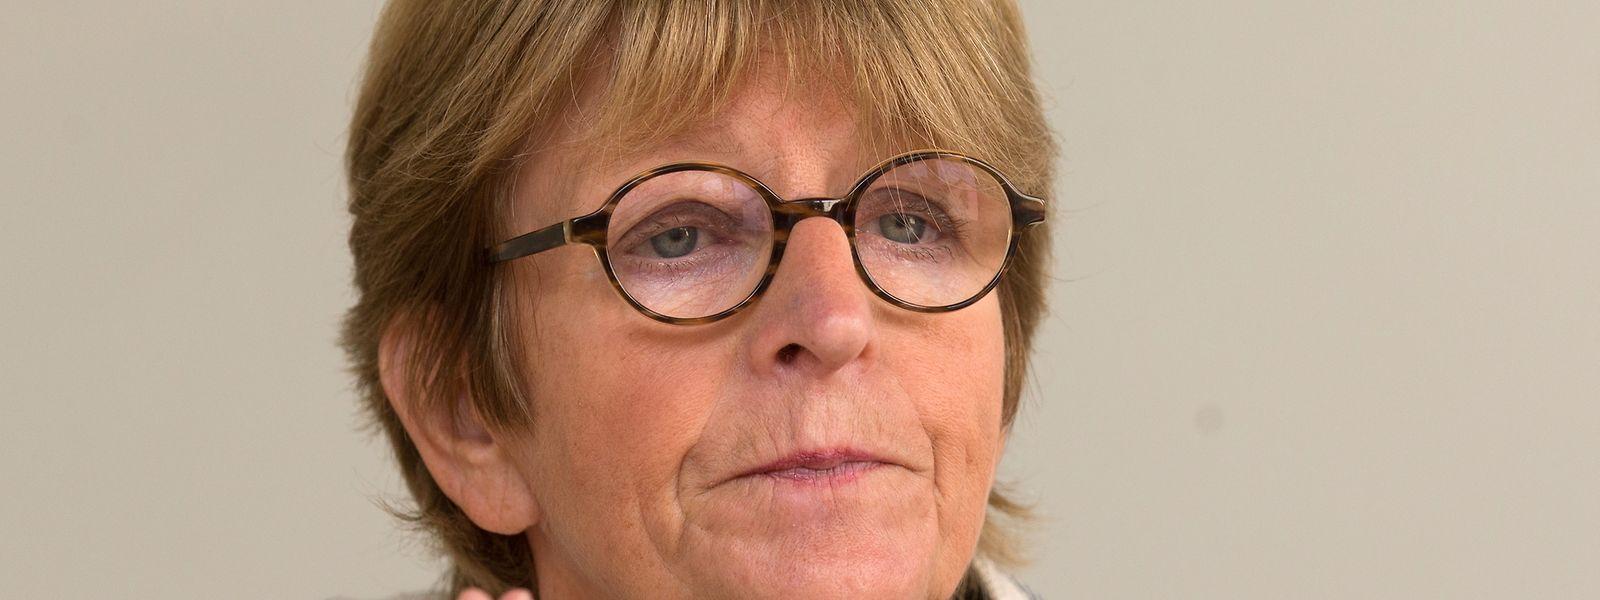 Anne Brasseur kann die Entscheidungen des Fußball-Weltverbands nicht nachvollziehen.